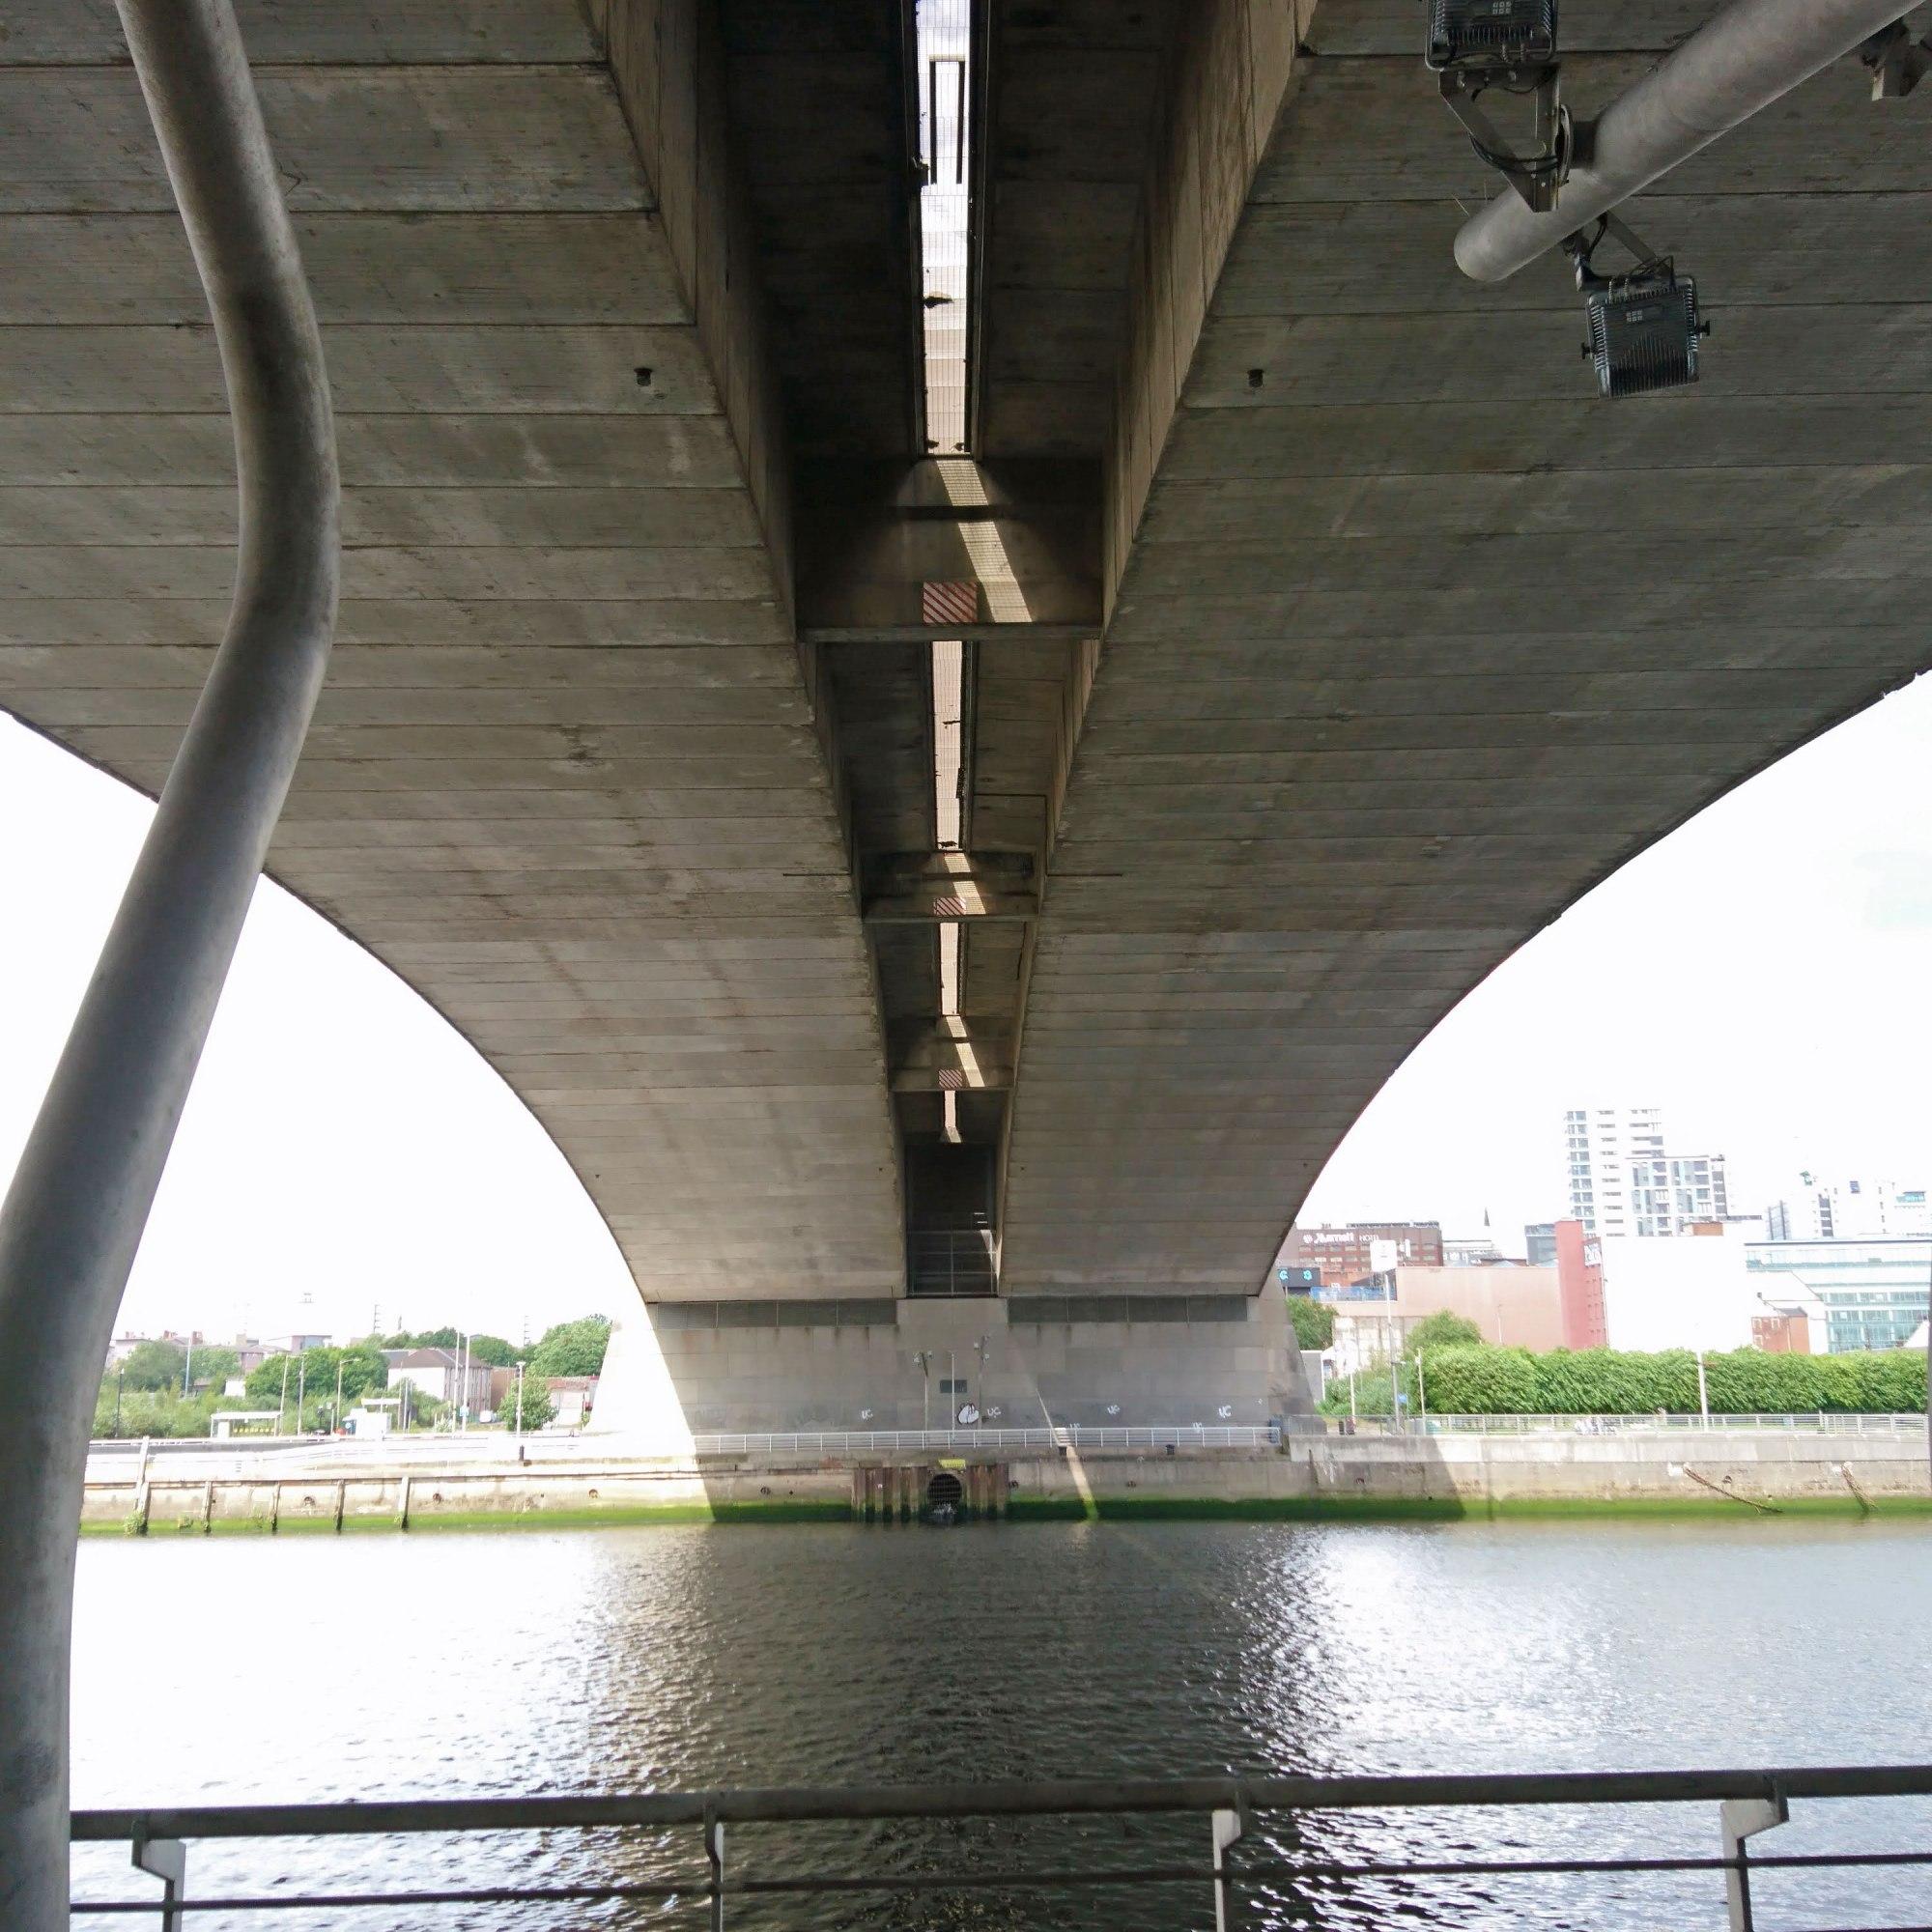 查看从南侧的金士顿桥下